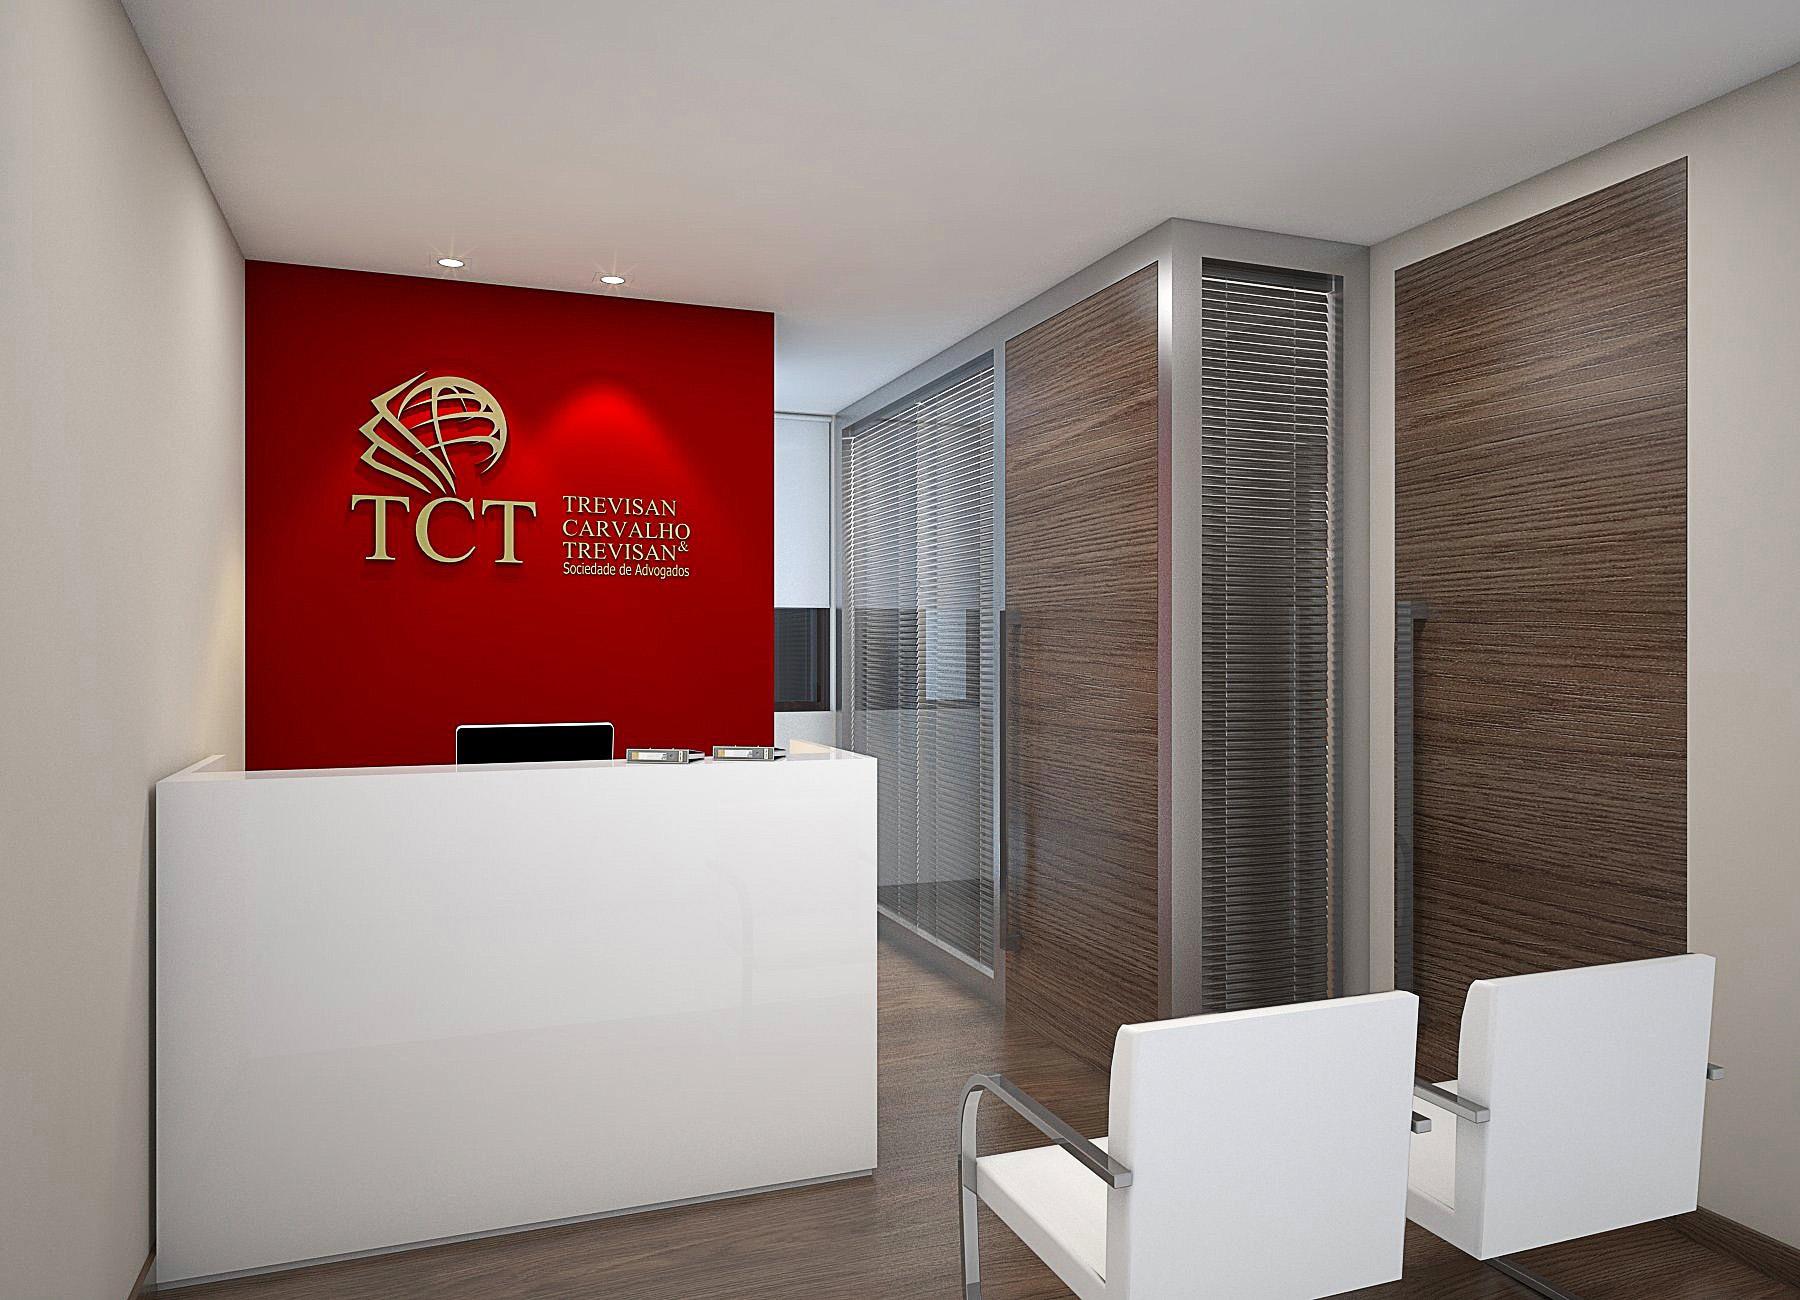 Imagem - Escritório TCT